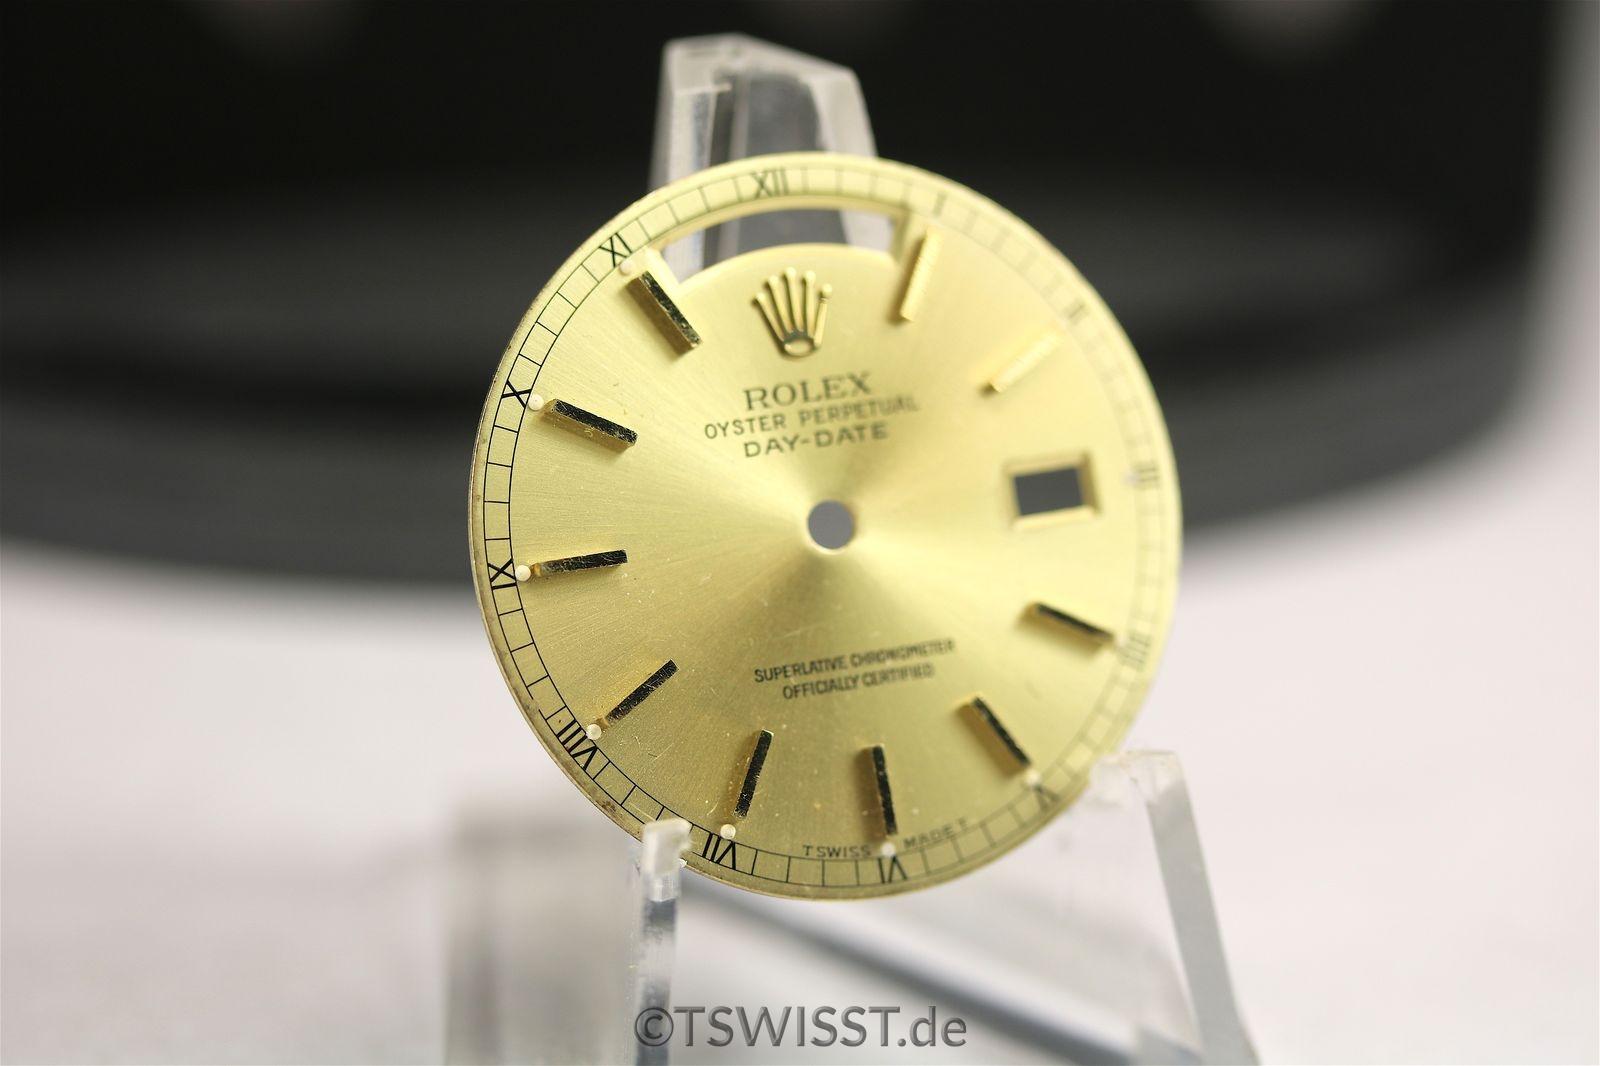 Rolex Daydate champagne dial